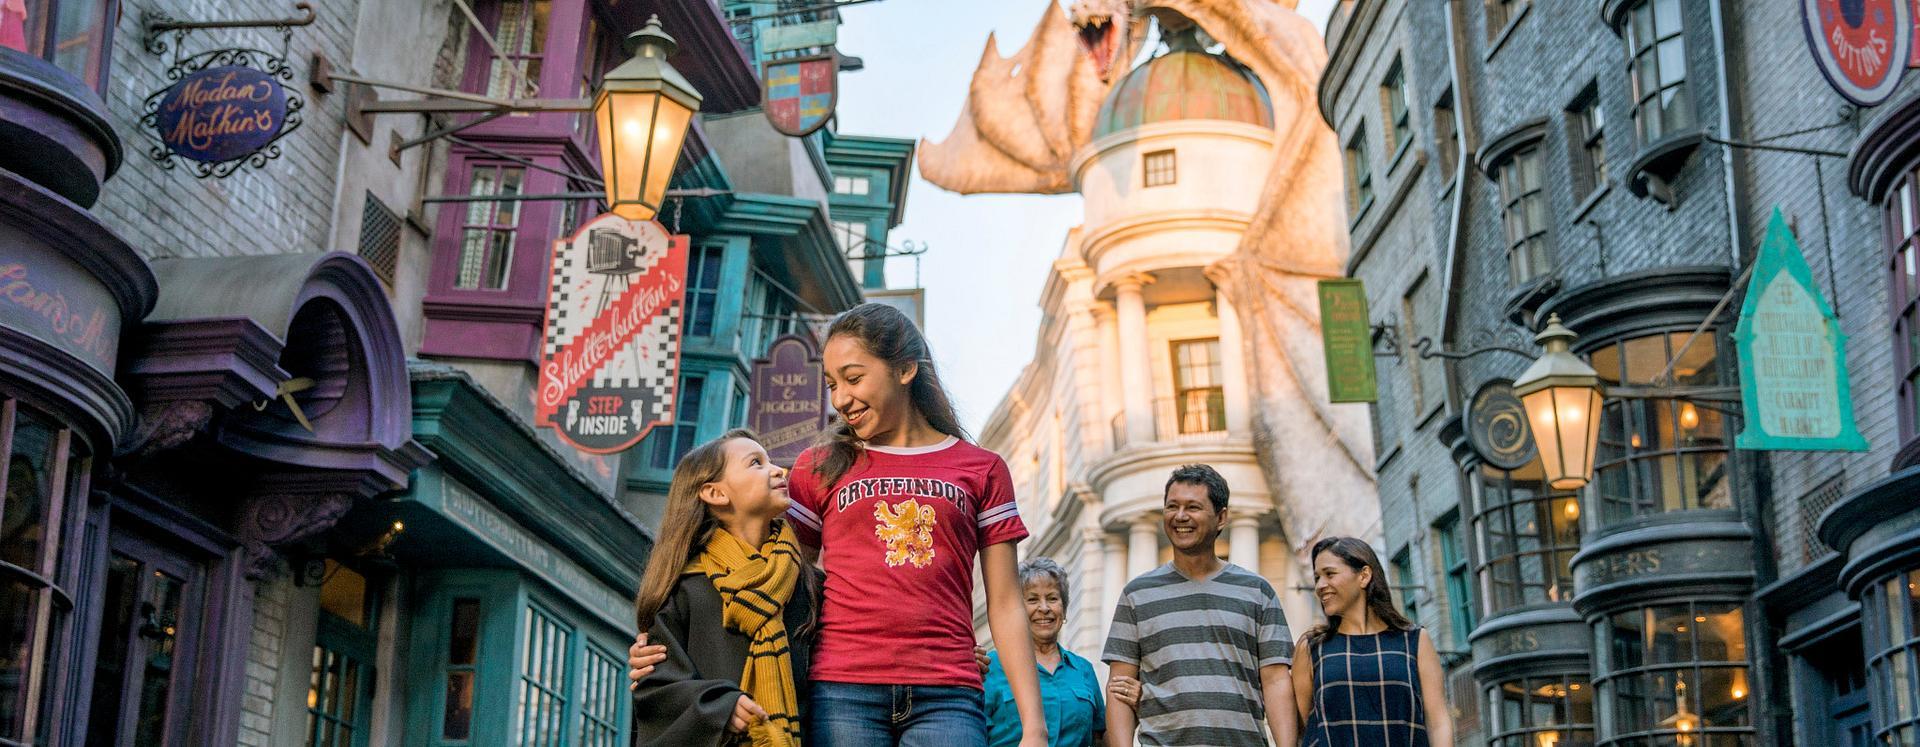 Chica con su familia en el mundo mágico de Harry Potter